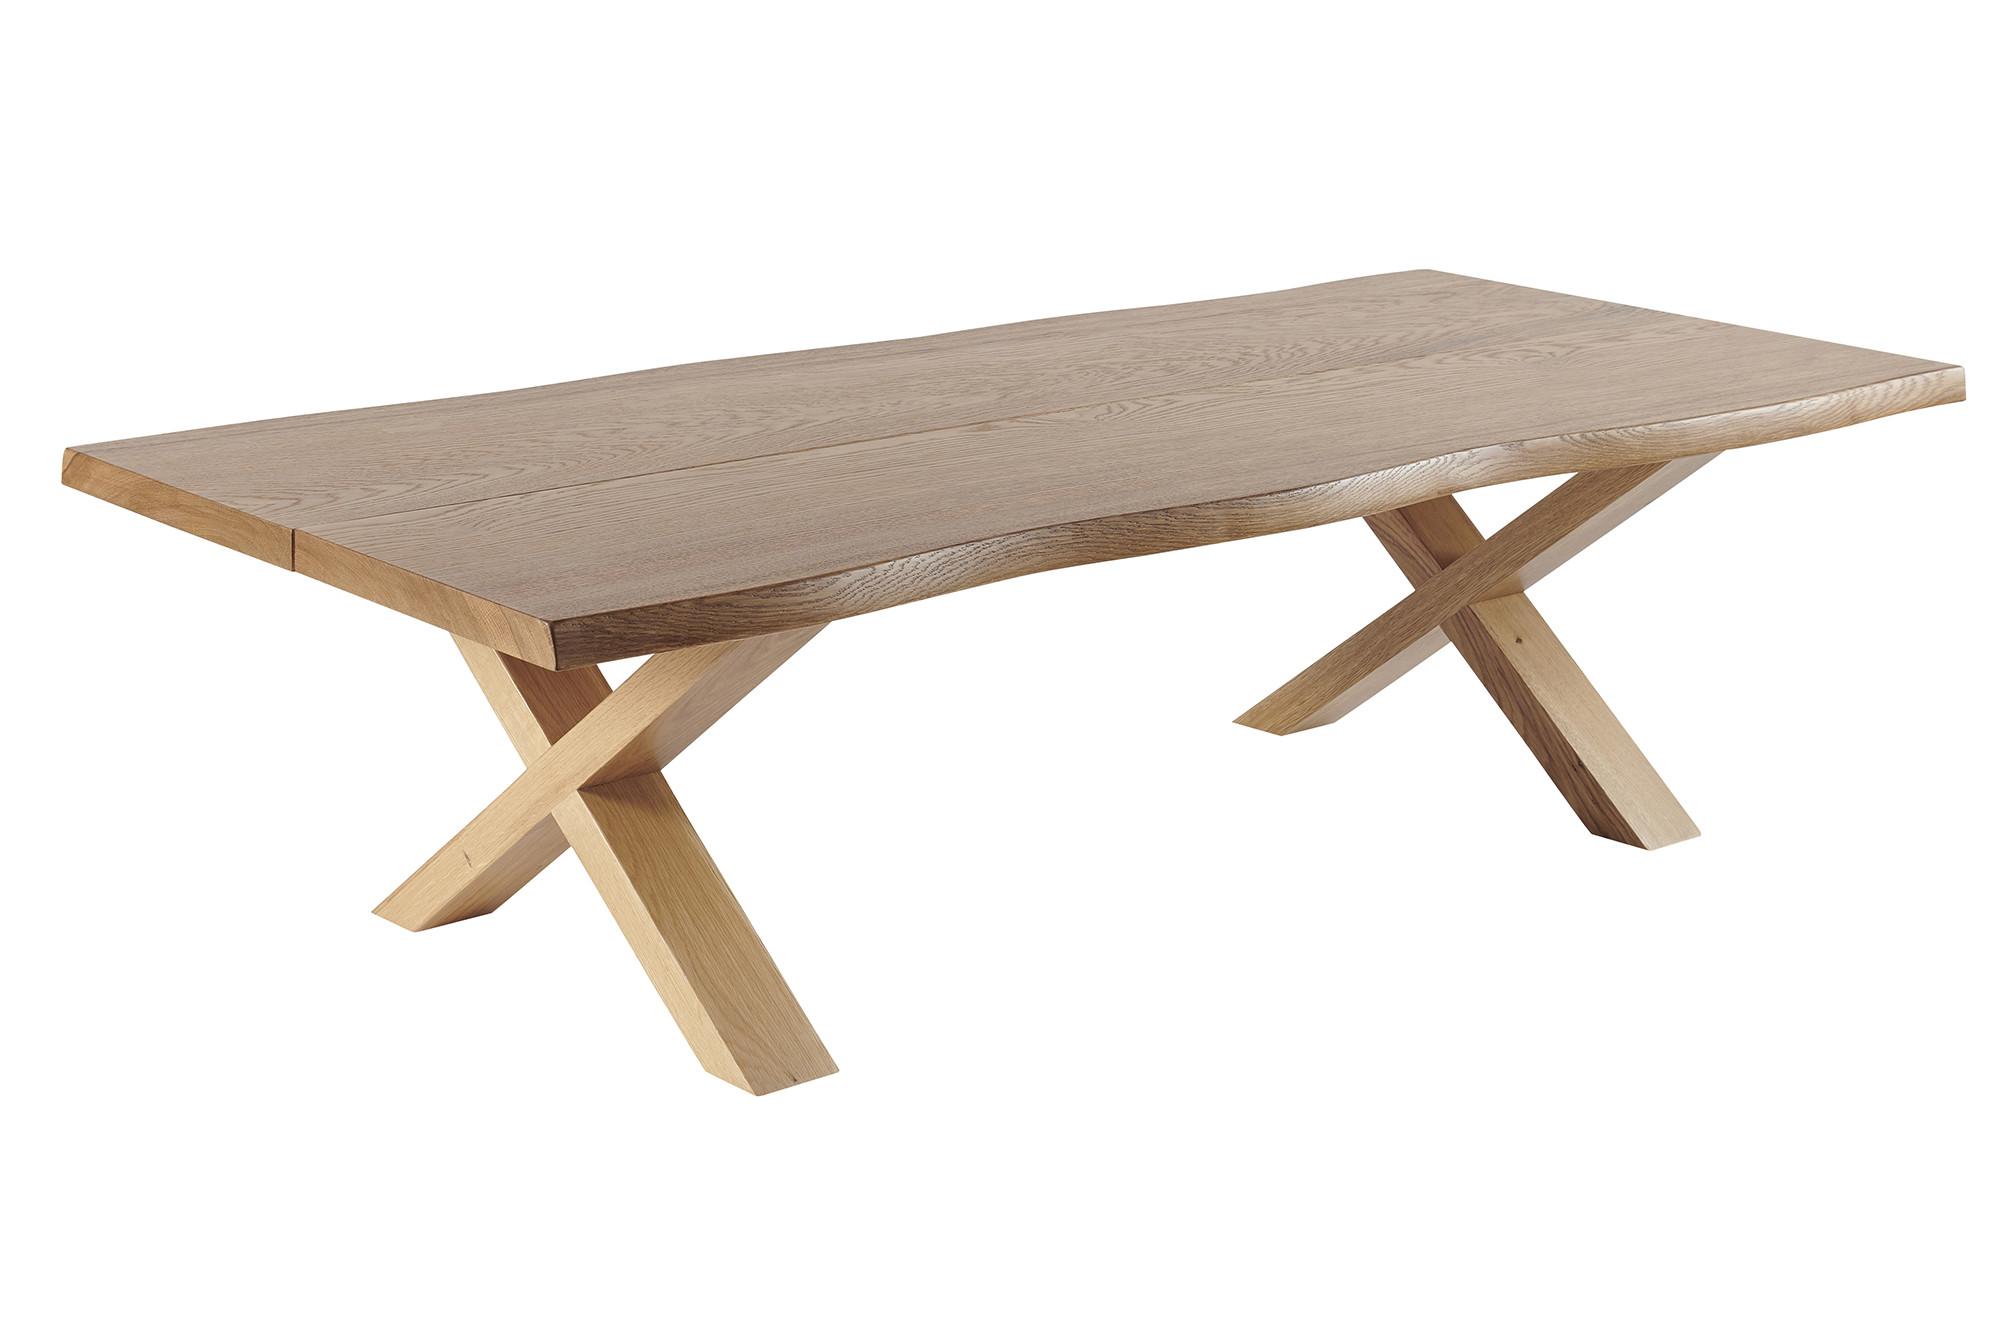 Table Basse En Bois Massif Tronc D Arbre Ganak Hellin